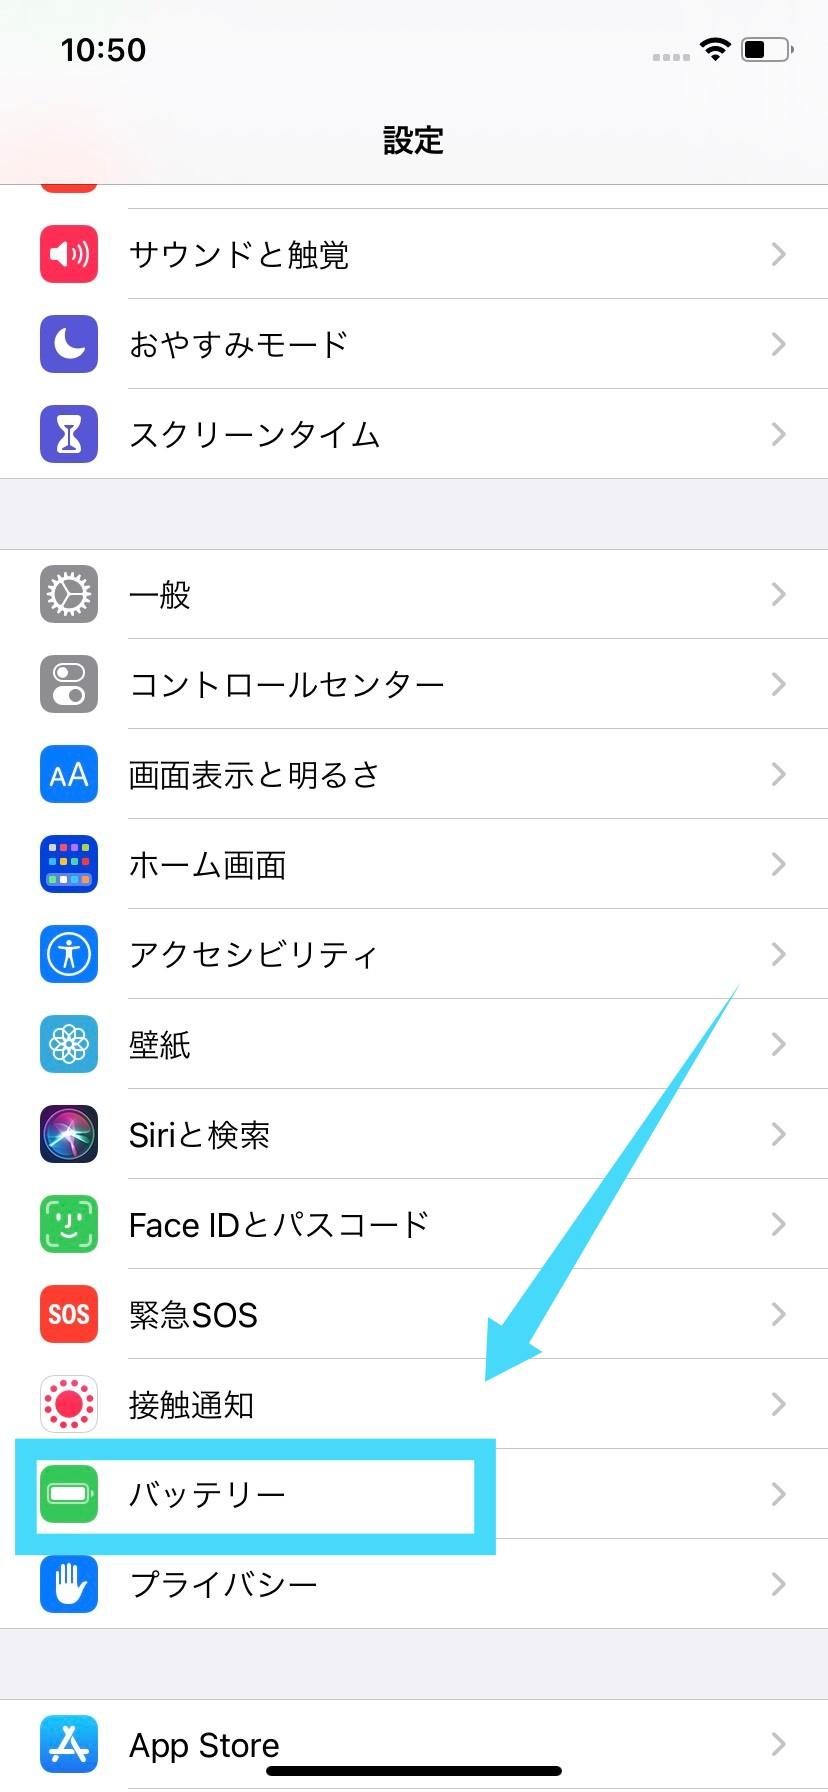 iPhoneのバッテリーの状態を確認する方法